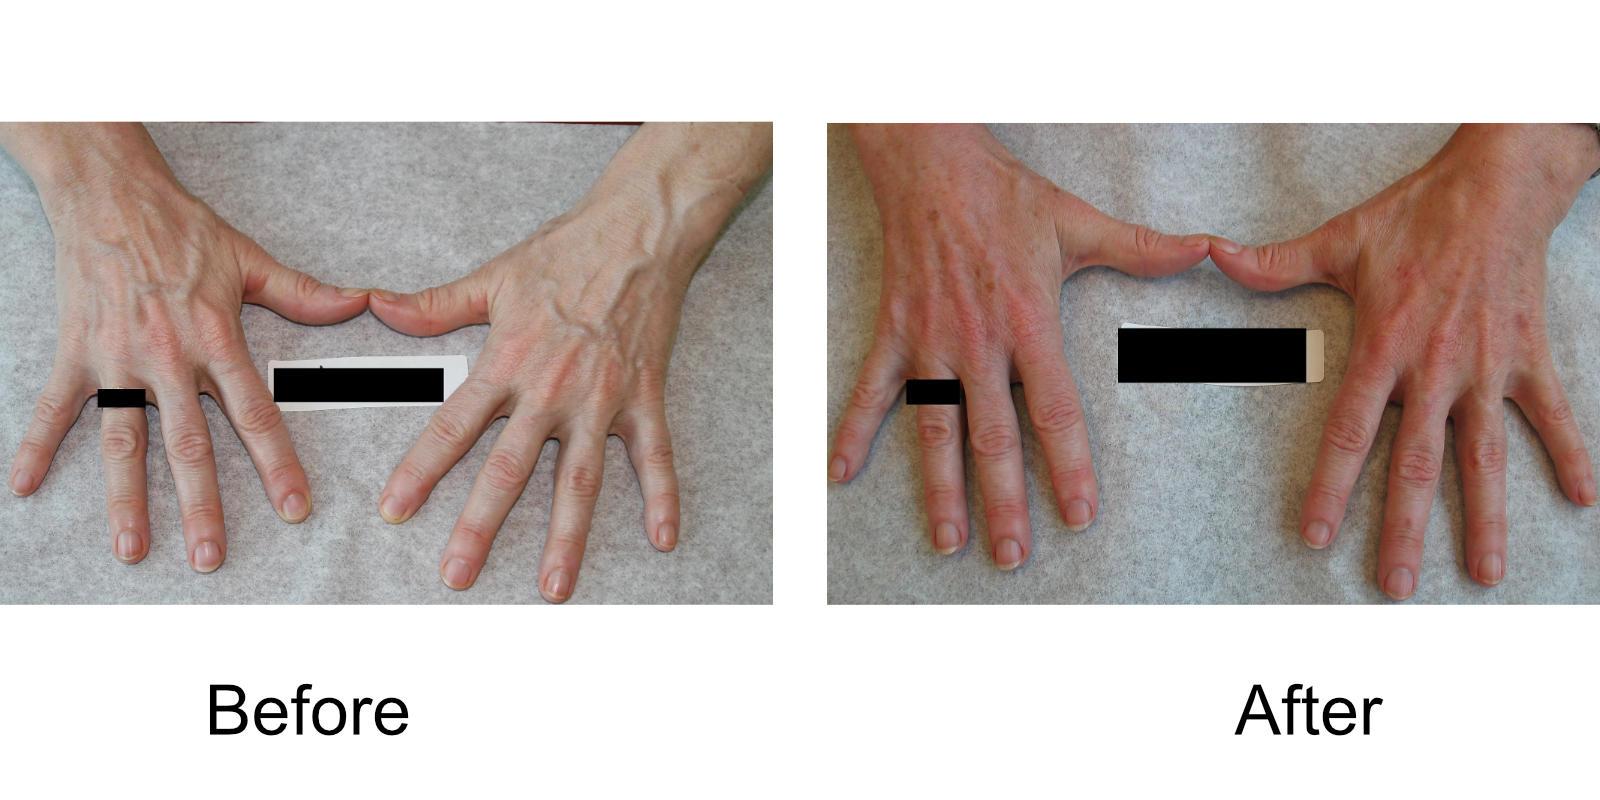 hand-veins-comparison-02